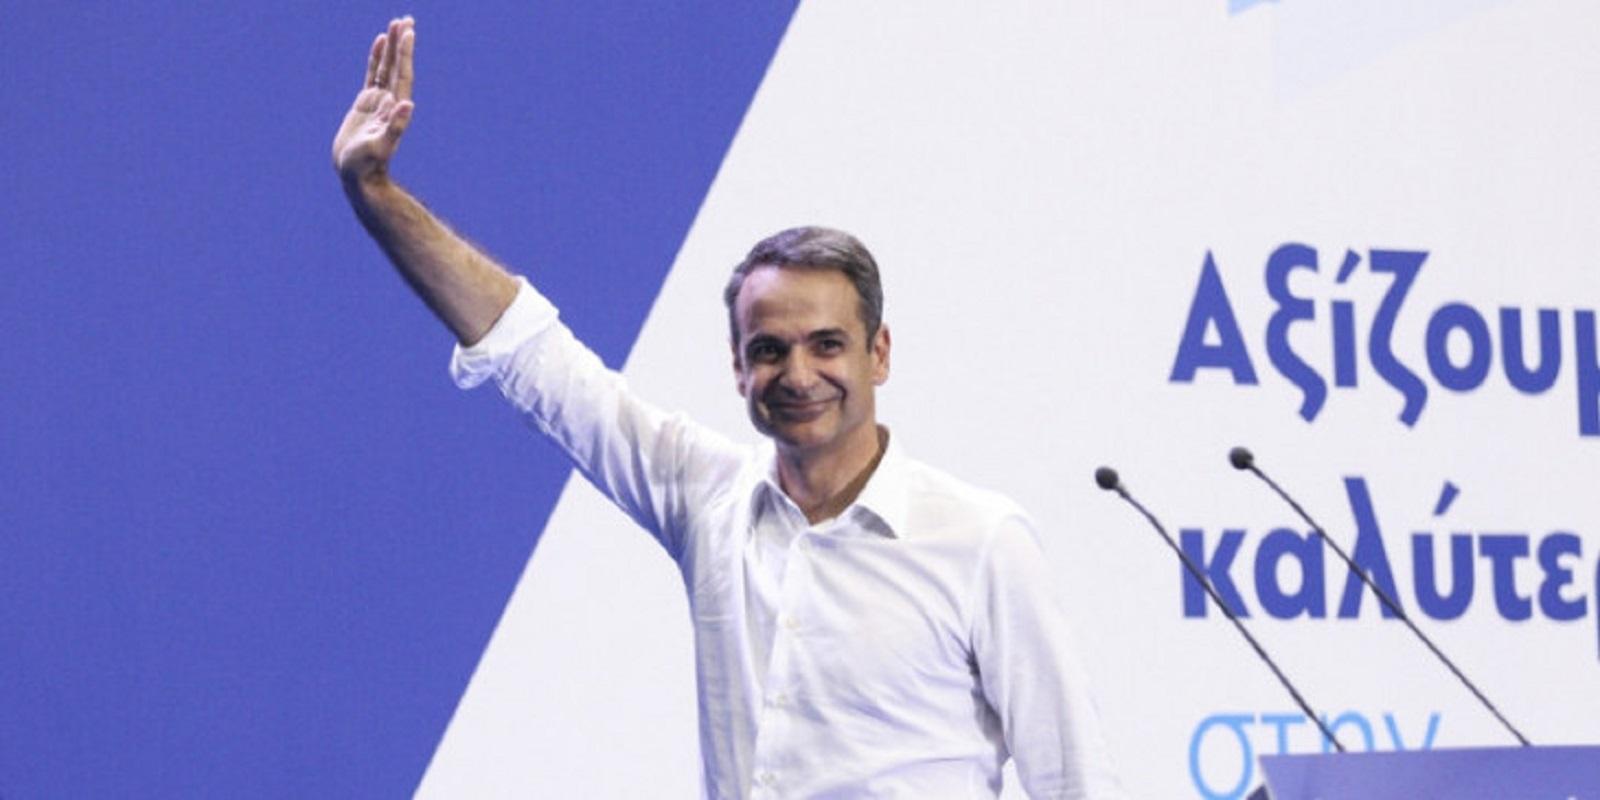 Μειώσεις συντάξεων 2020 : Περικοπή συντάξεων 500 ευρώ από όλους αποκάλυψε ο Νότης Μηταράκης Υφυπουργός Κοινωνικής Ασφάλισης Ελλάδας